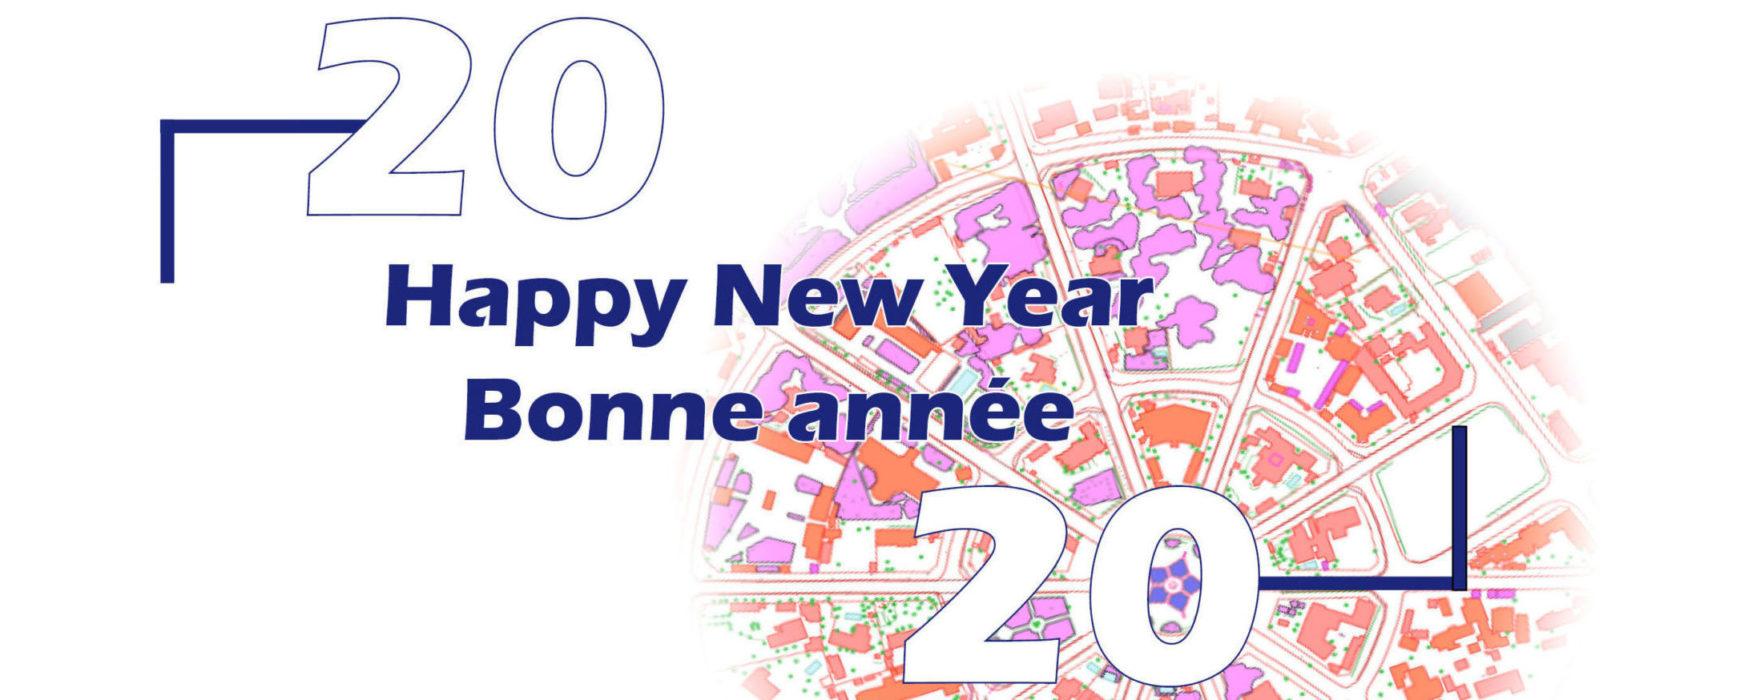 IGN FI vous souhaite une belle année !